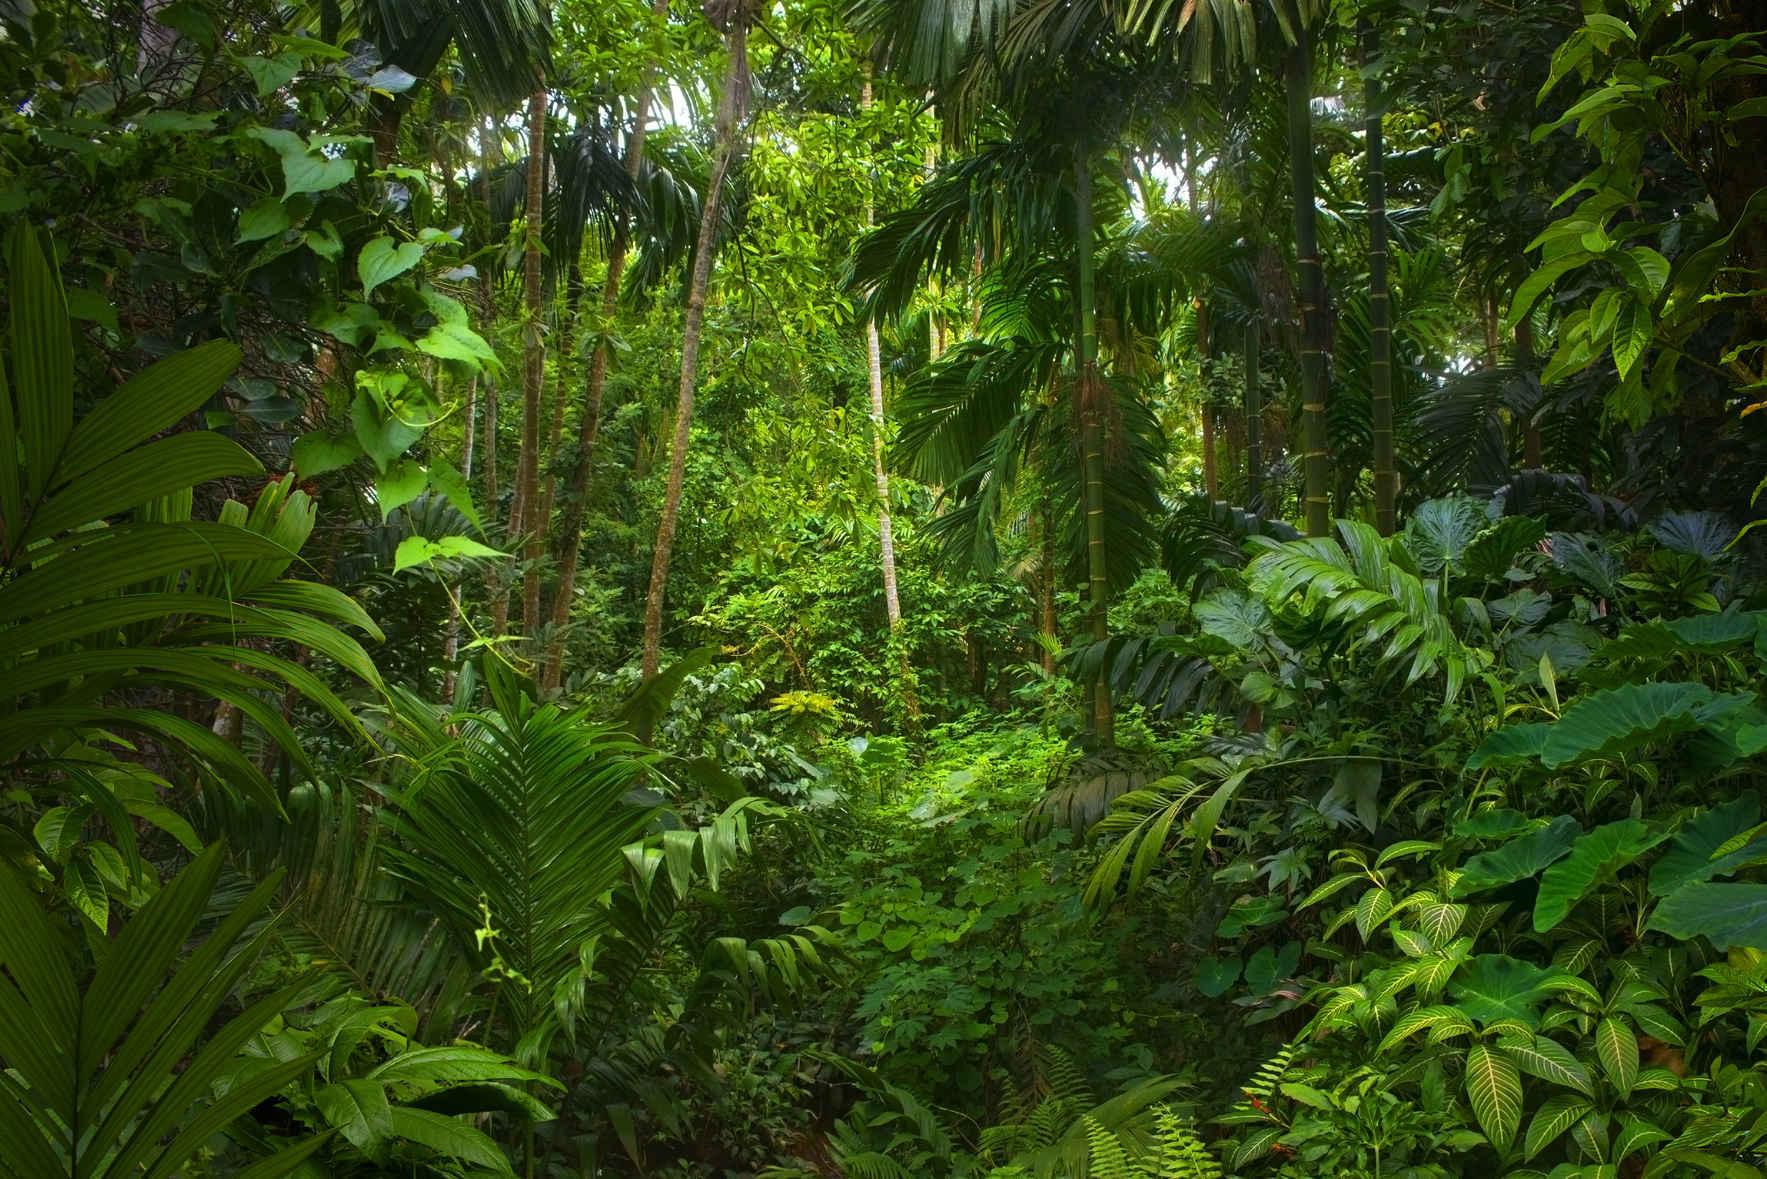 Dona para ayudar a los pueblos indígenas que enfrentan COVID-19 y detener la destrucción de la selva tropical image